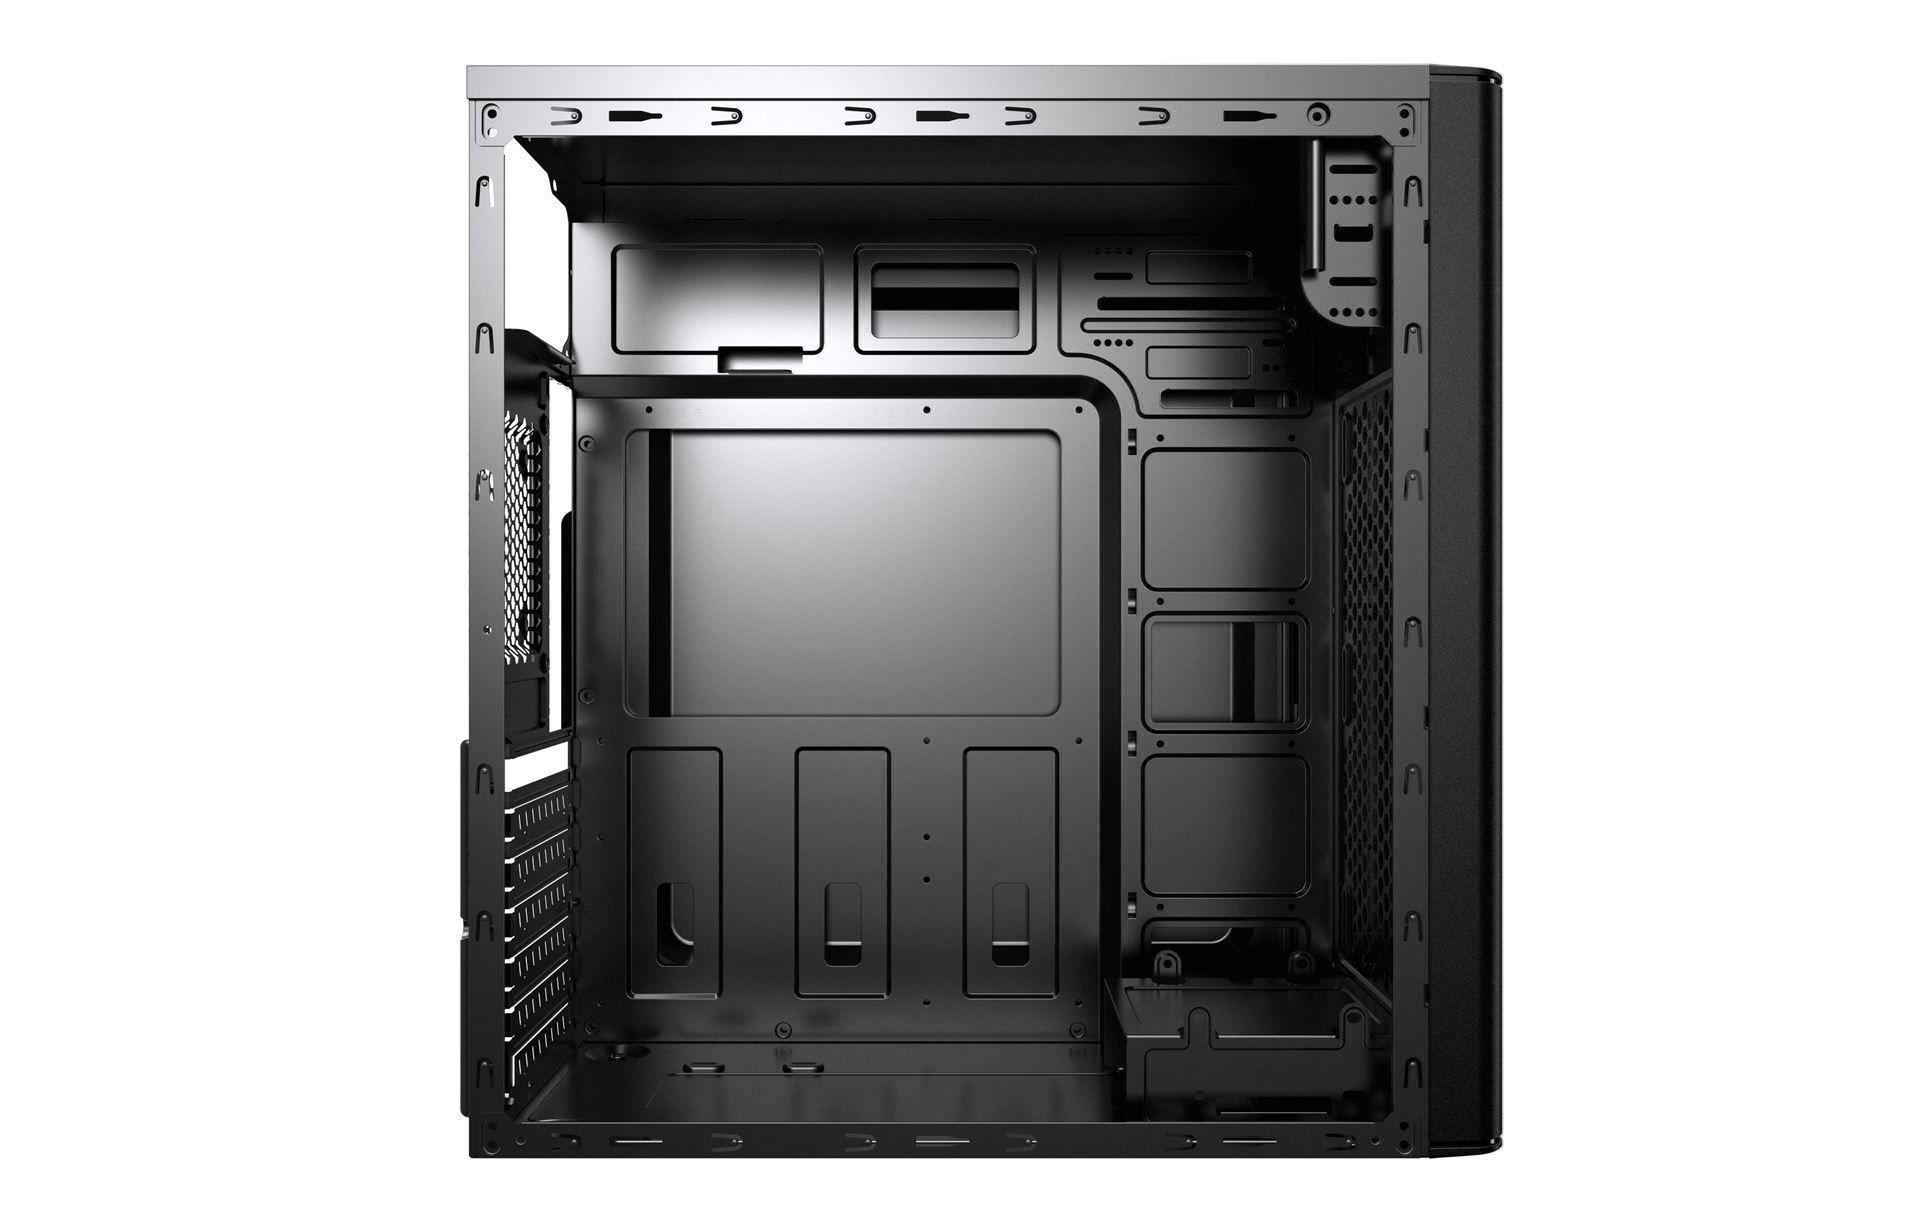 Gabinete BR PC 3601 Preto 2 baias  (2xUSB +1 usb 3.0+ AUDIO)